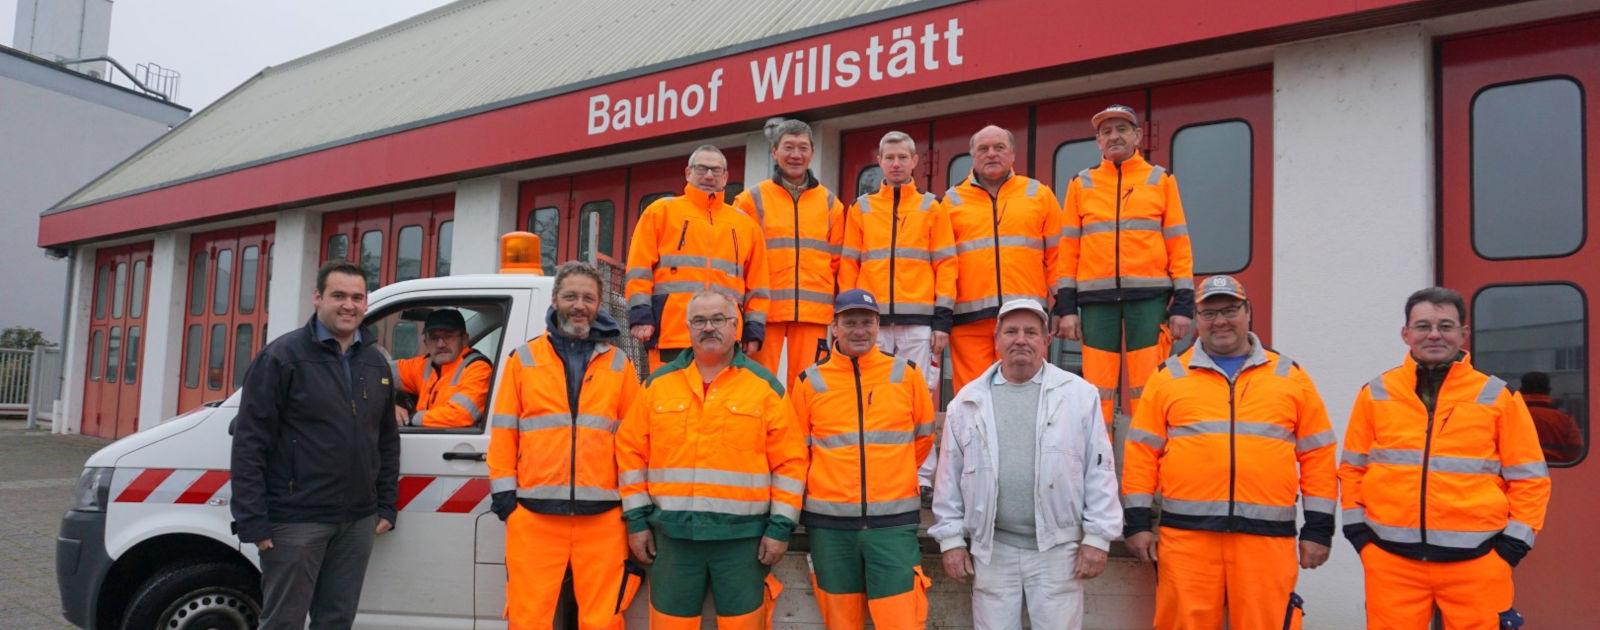 Gruppenbild Bauhof Mitarbeiter in orangener Arbeitskleidung